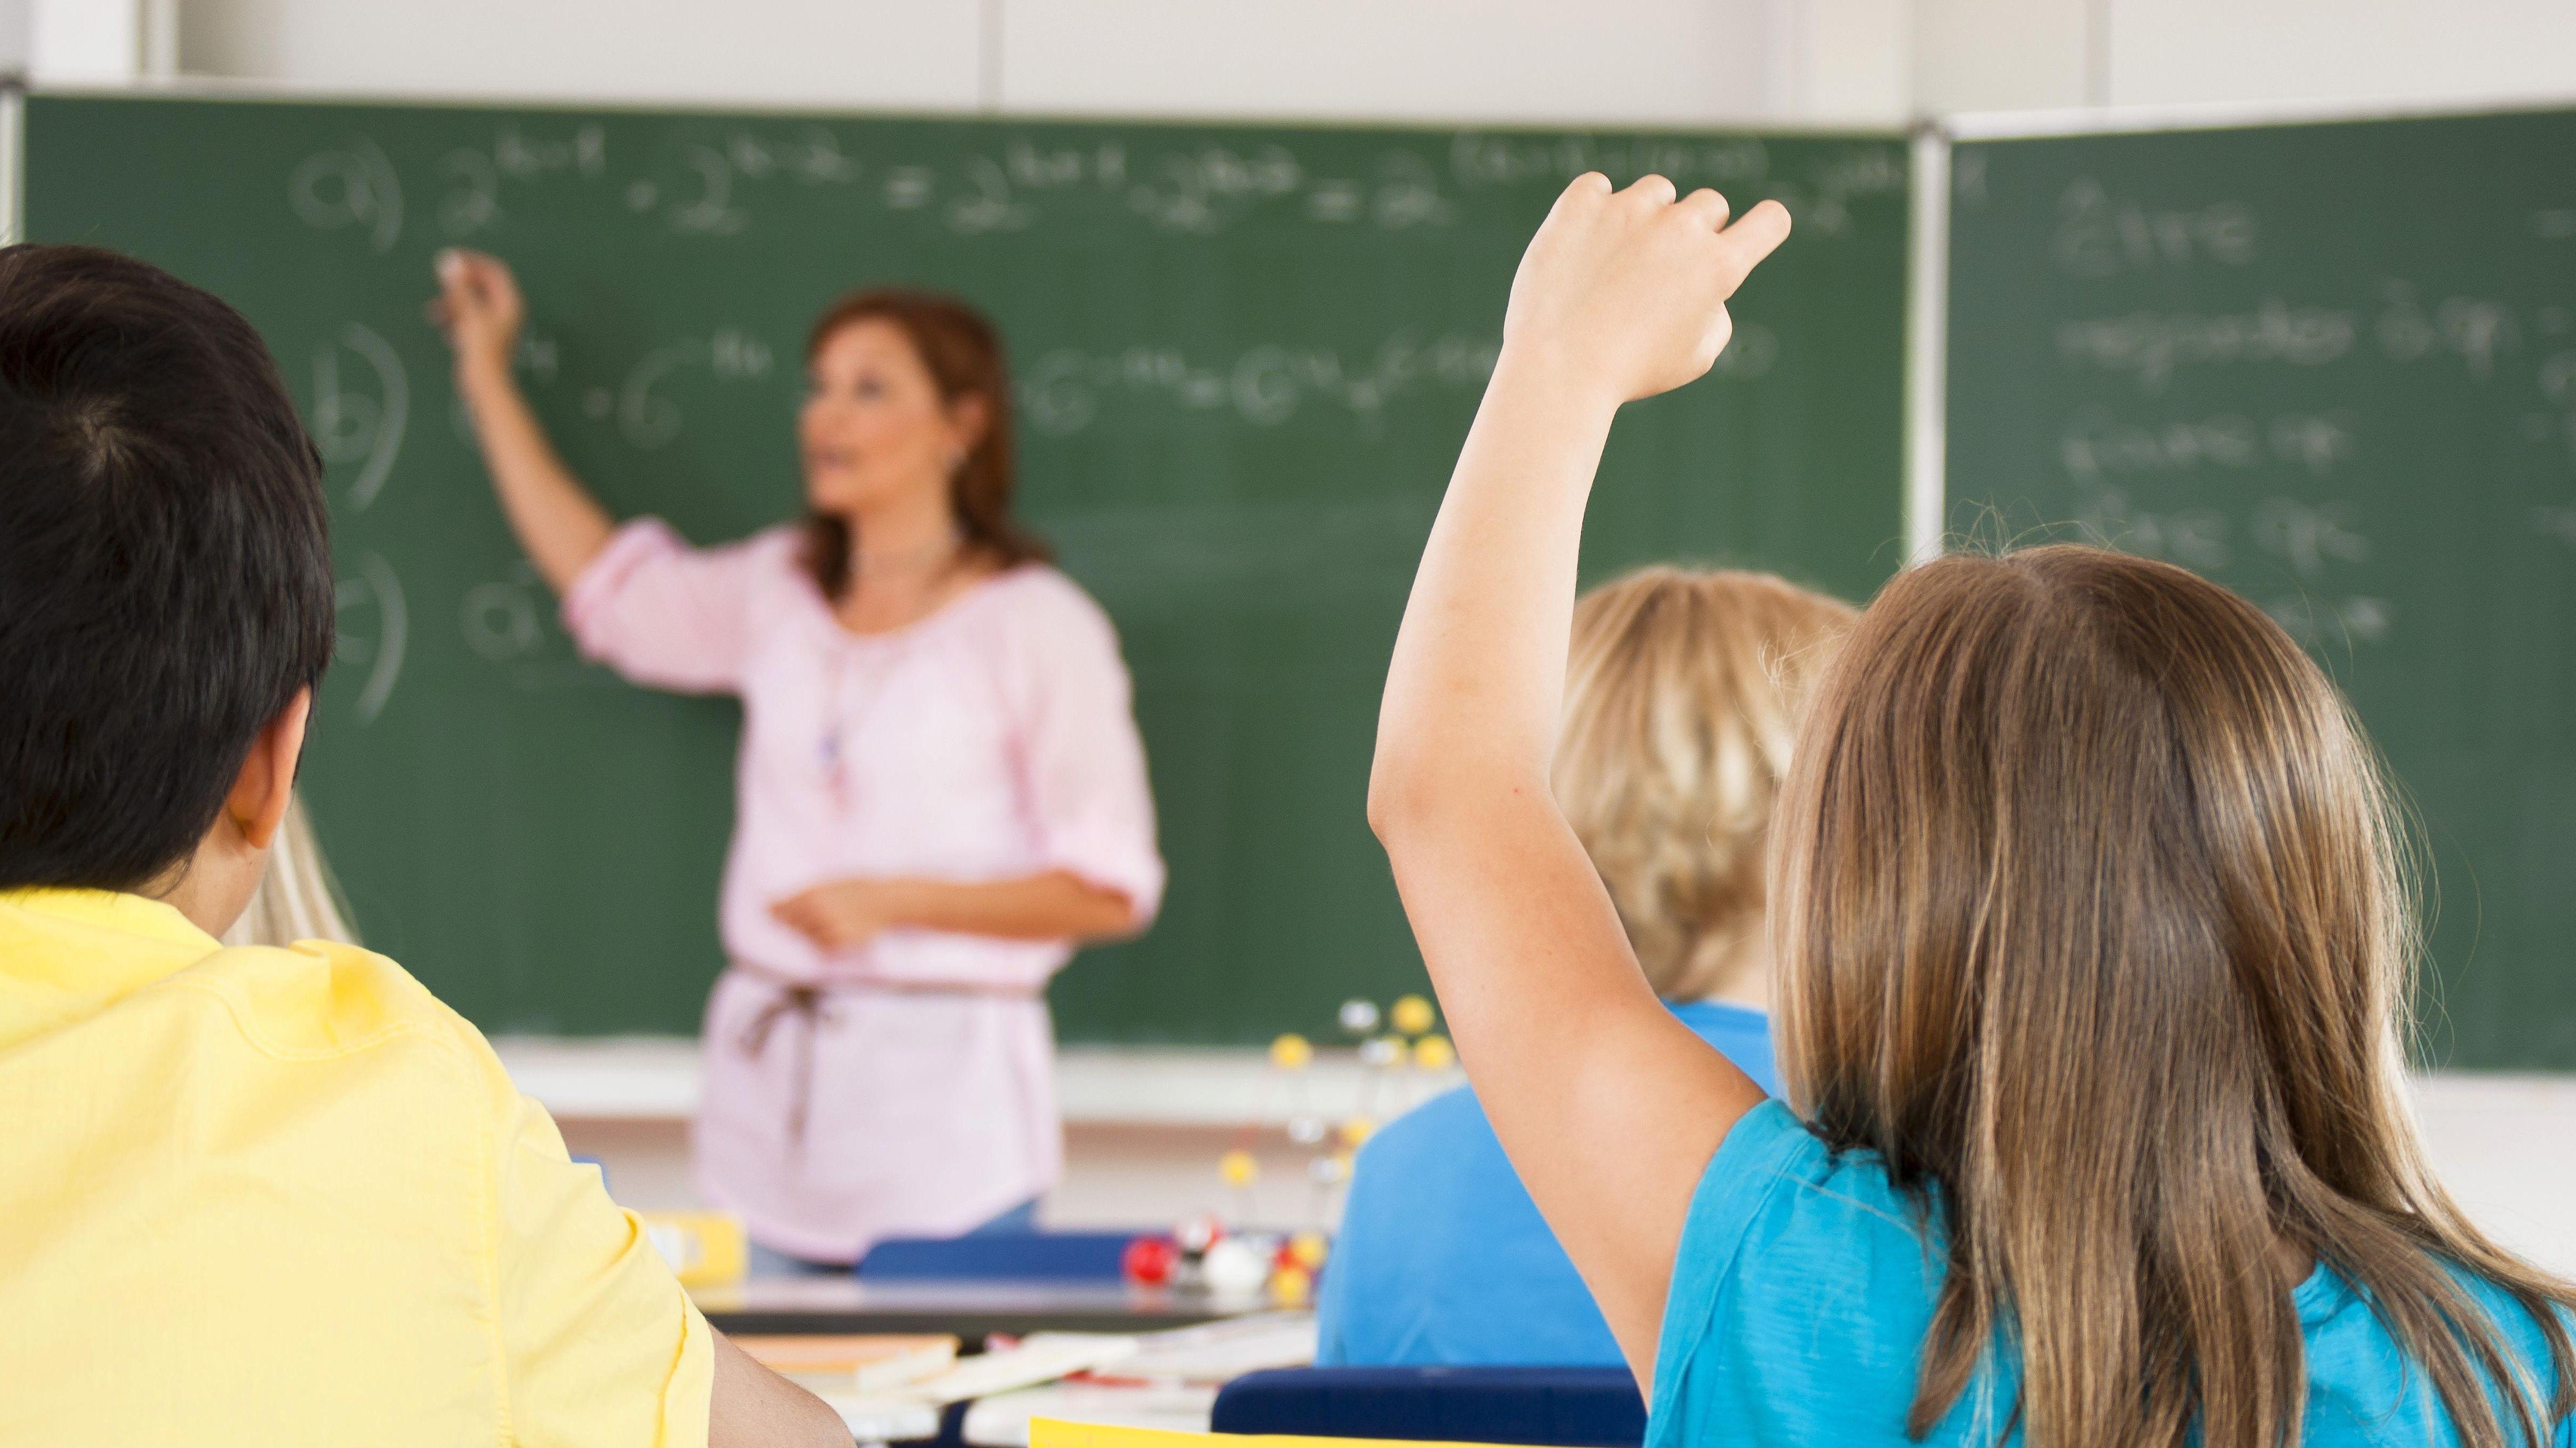 Schülerin meldet sich beim Unterreicht in der Klasse